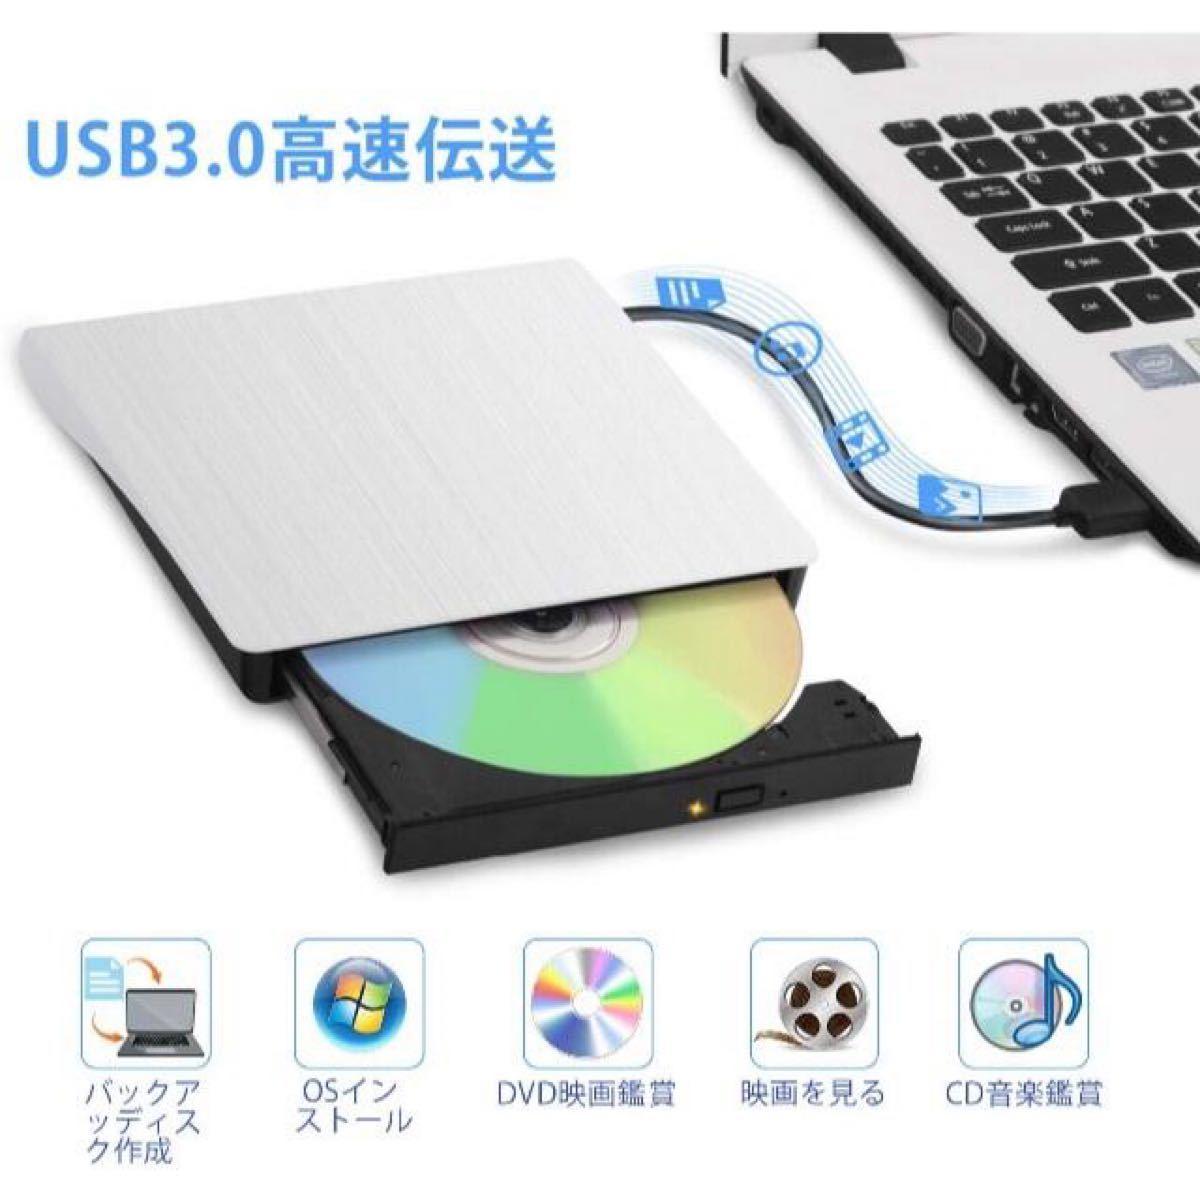 USB3.0 CD-RW 外付けDVDドライブ DVD±RW